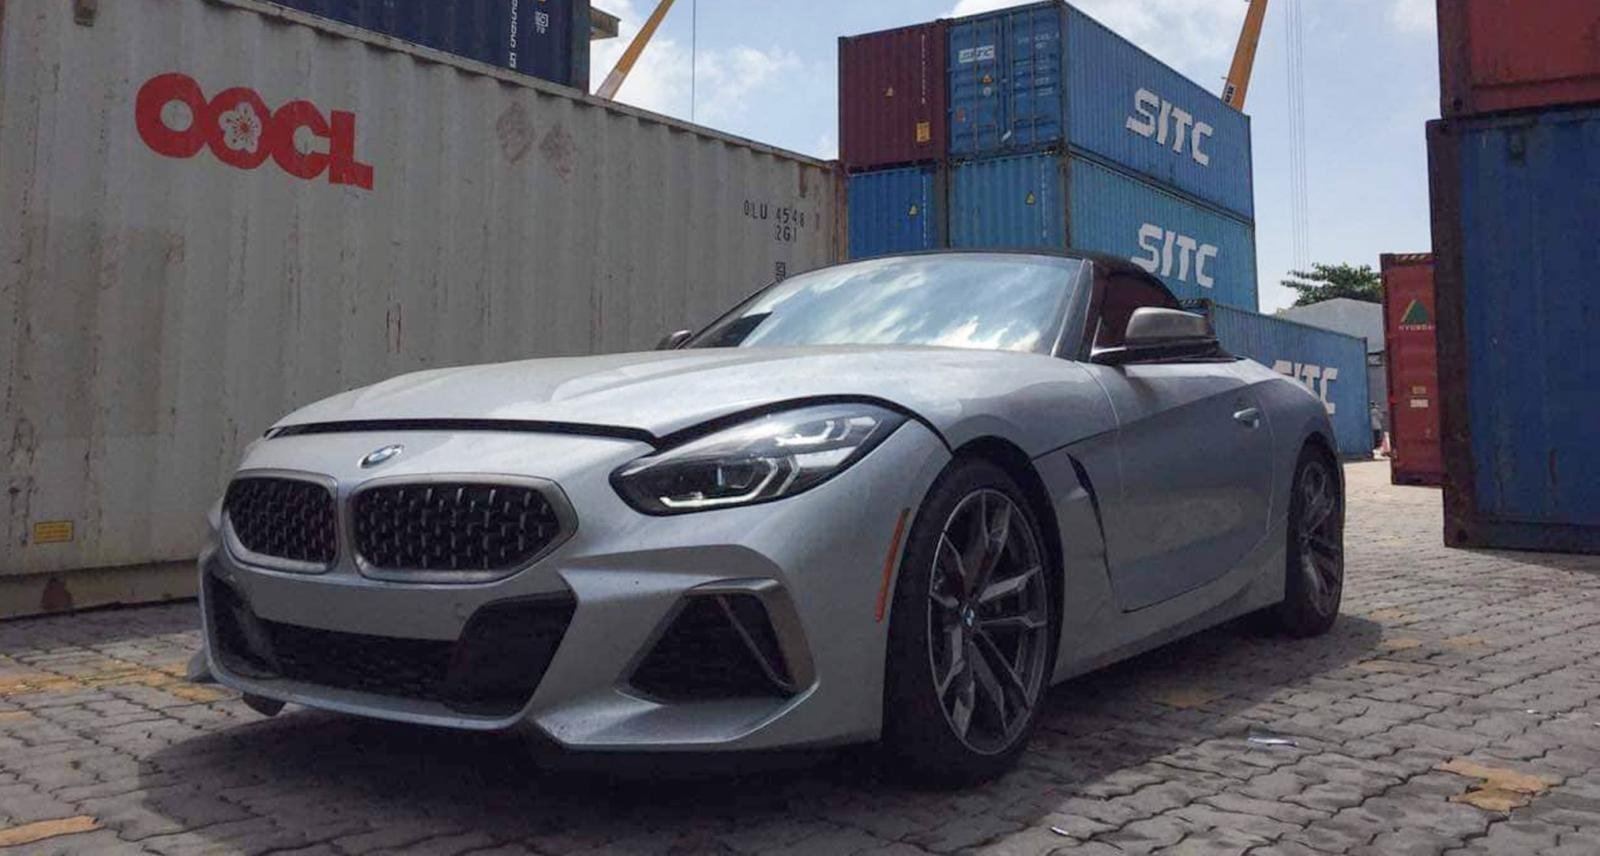 BMW Z4 2020 đầu tiên về nước, ấn tượng bởi động cơ mạnh mẽ